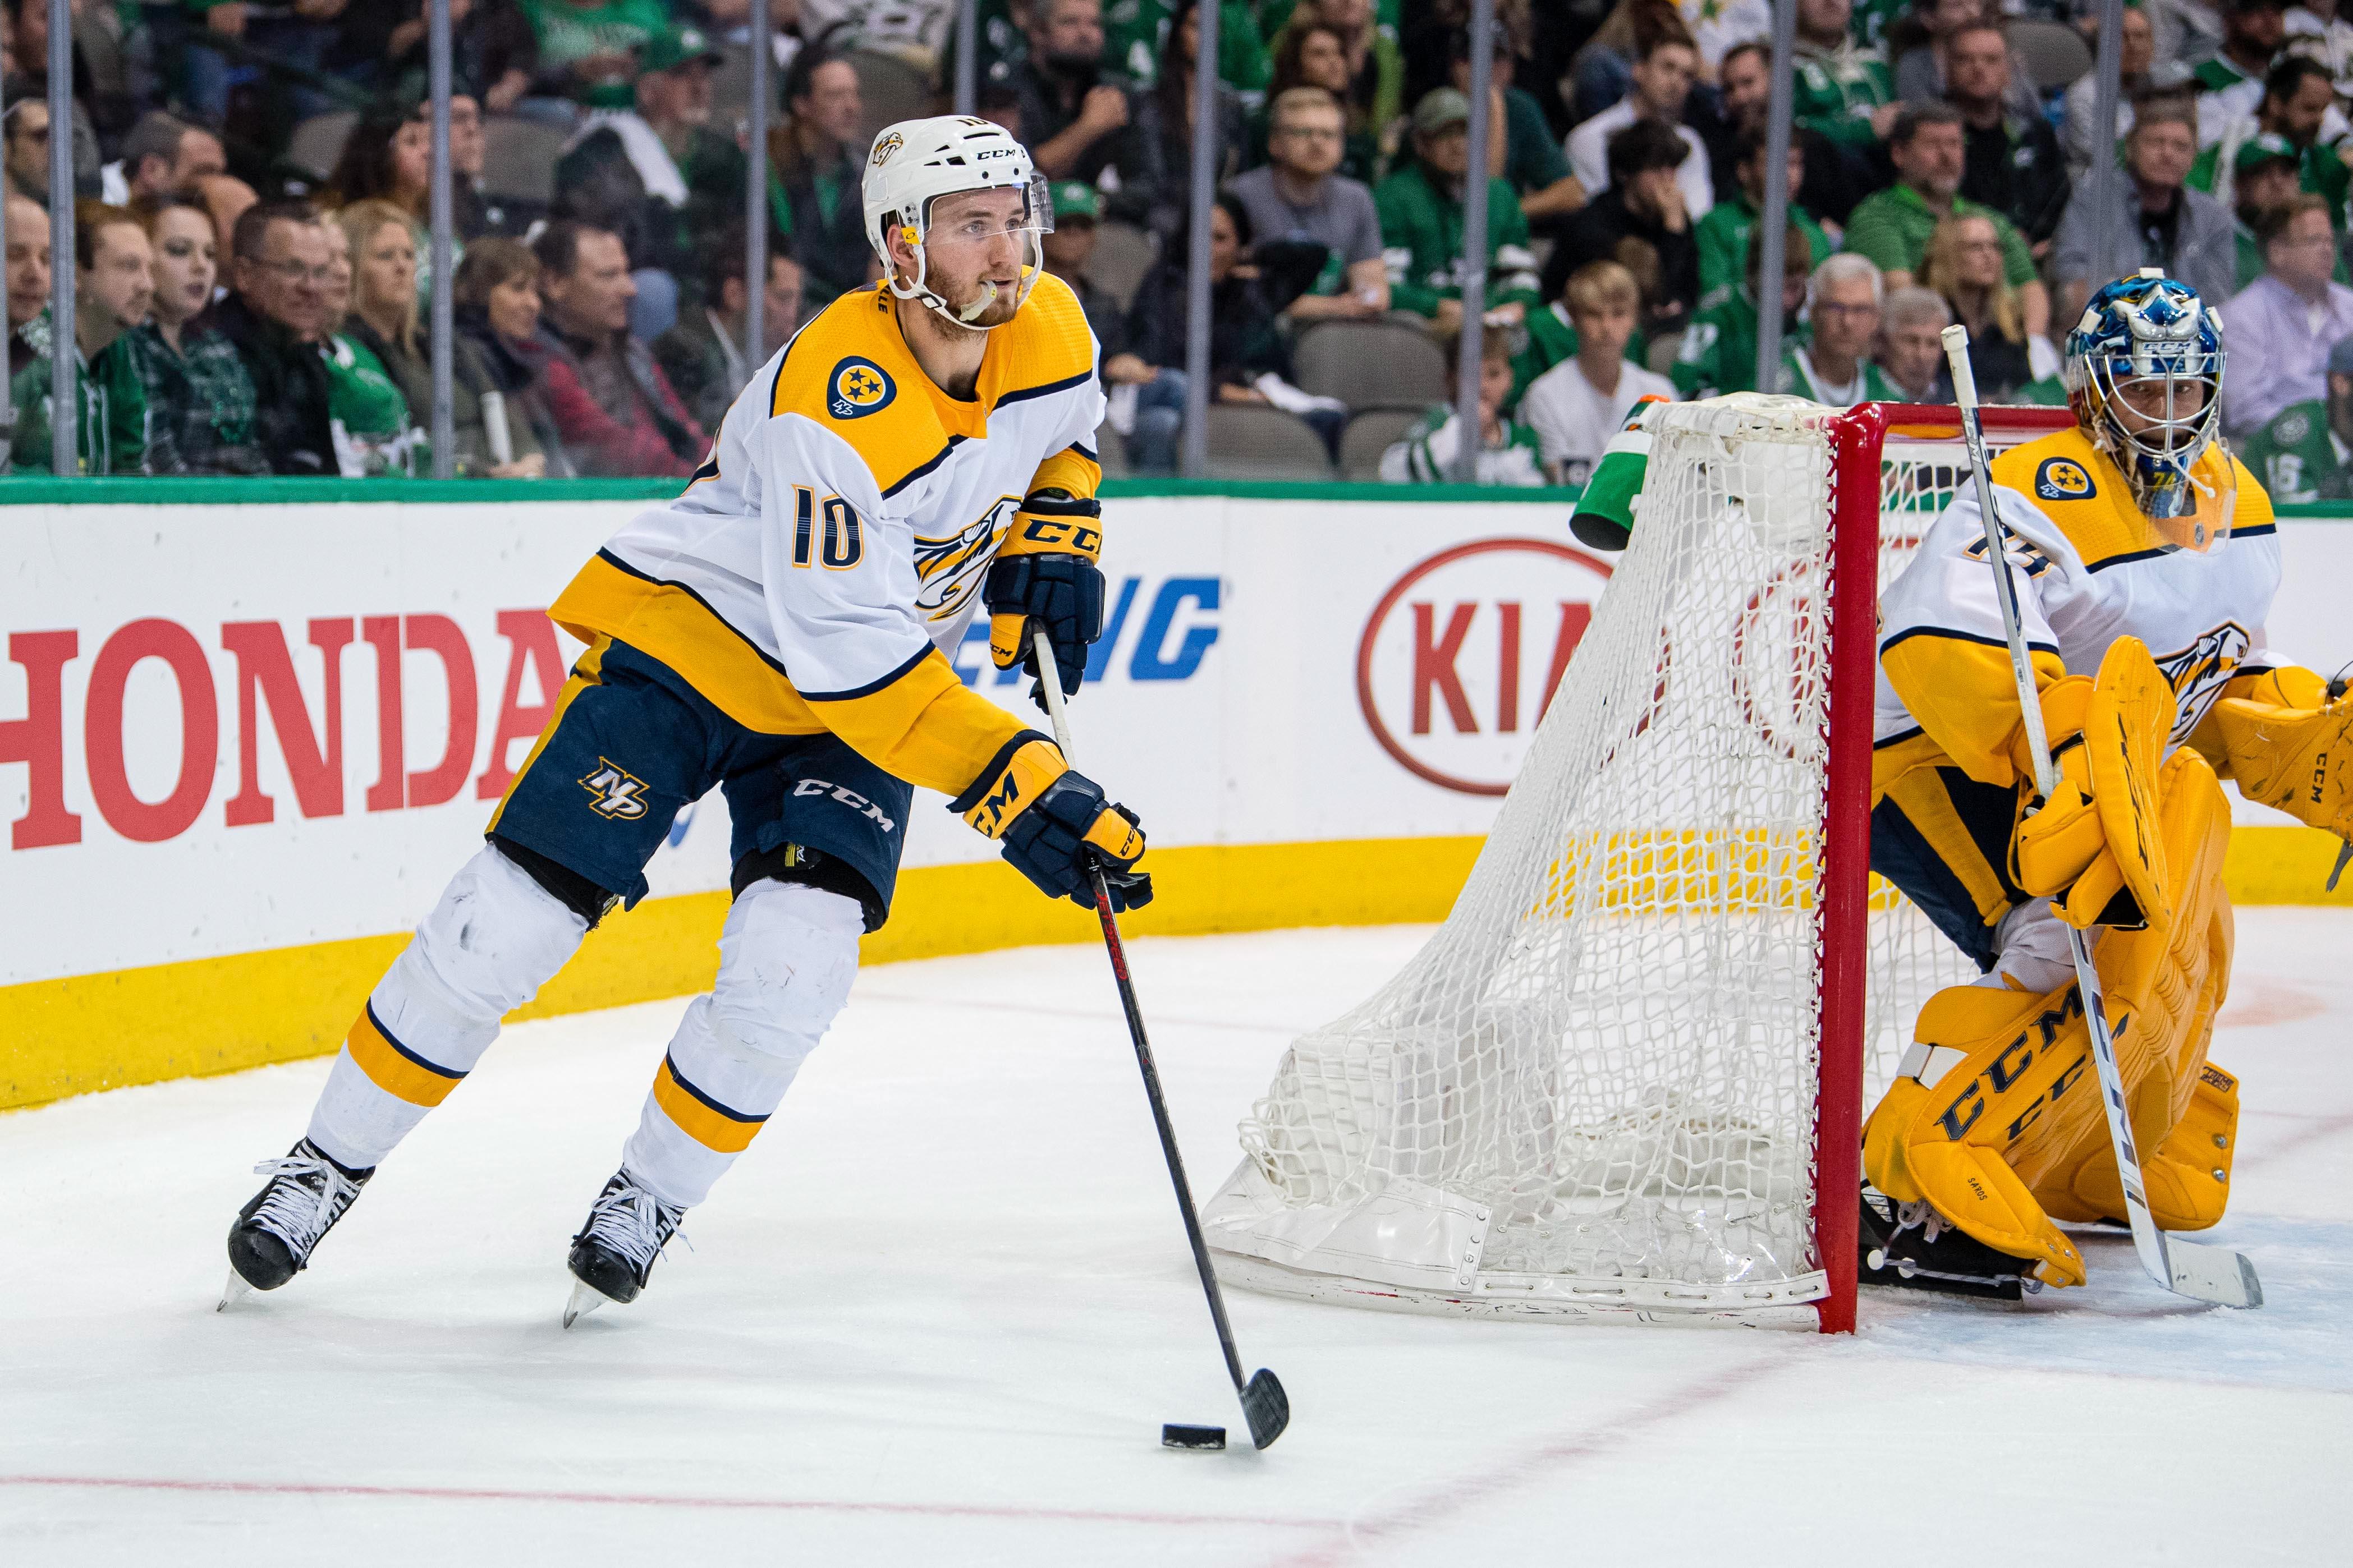 NHL: Stanley Cup Playoffs-Nashville Predators at Dallas Stars